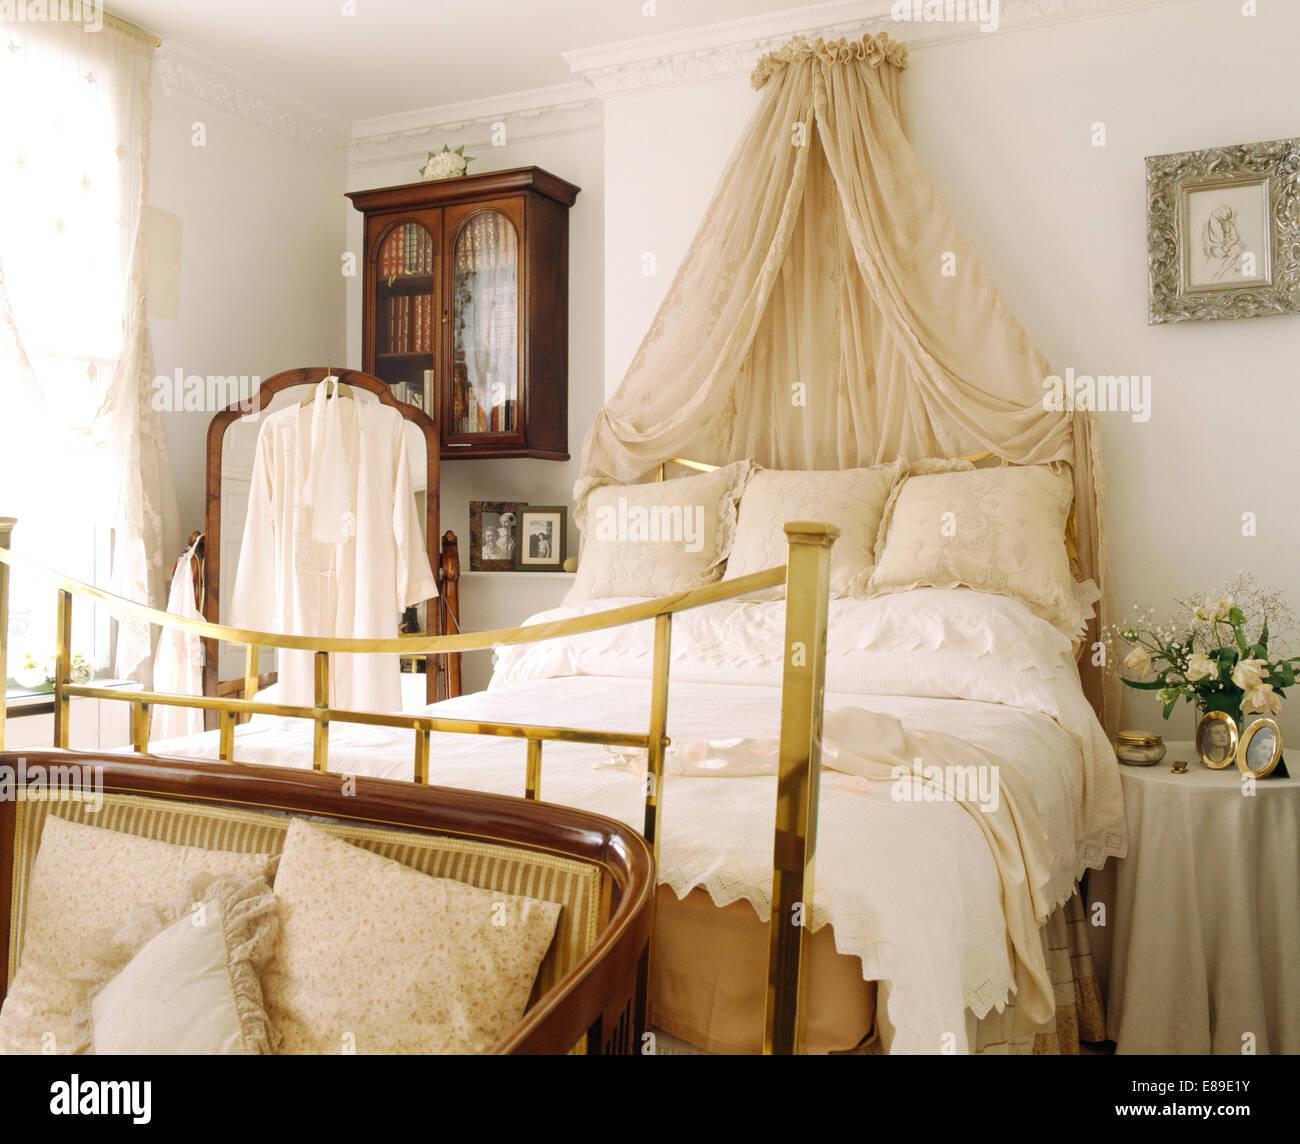 Coronet mit cremefarbenen Voile Vorhänge über Messingbett mit ...